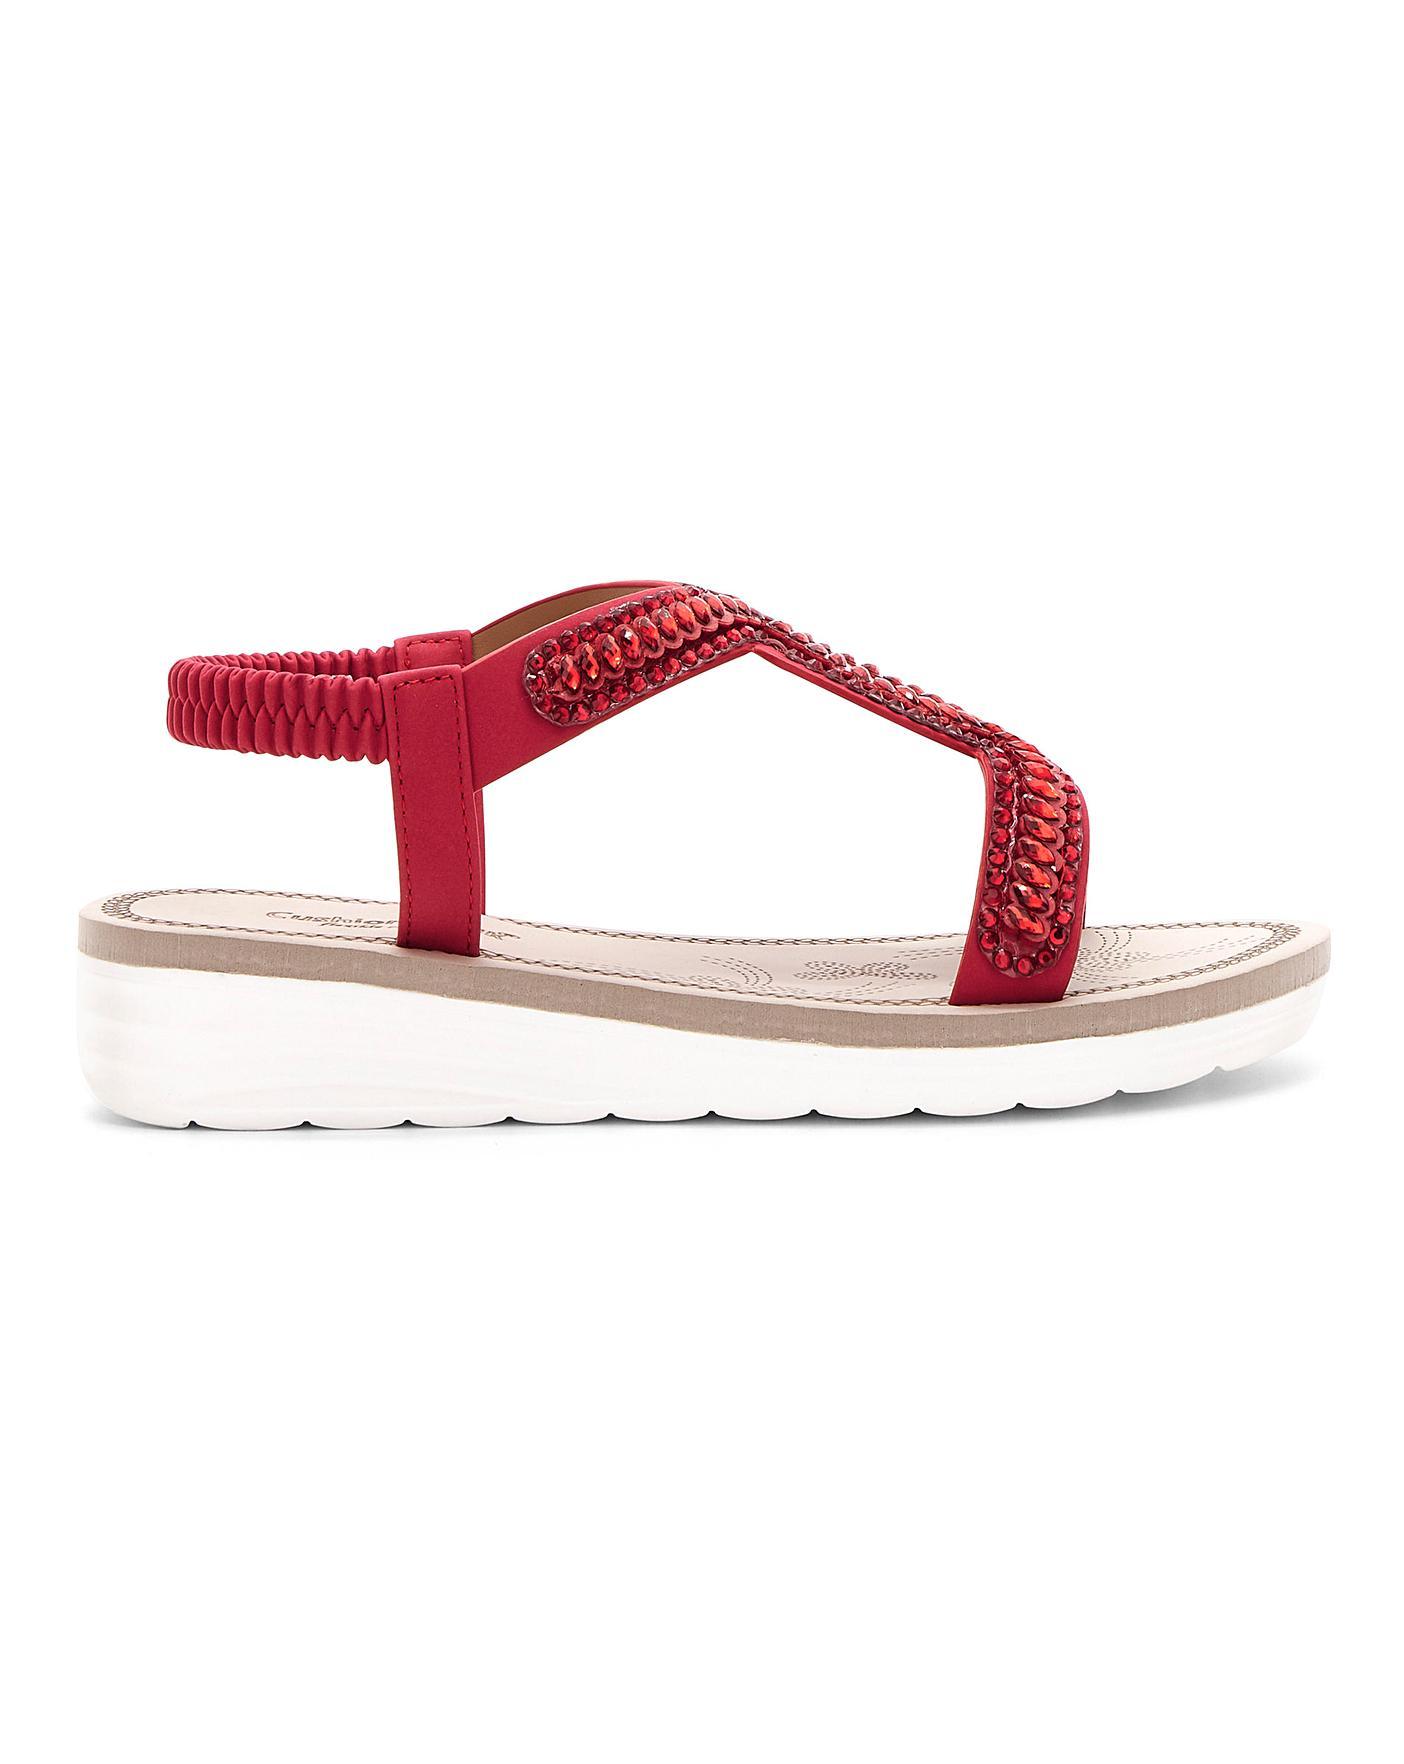 Cushion Walk Embellished Sandals EEE